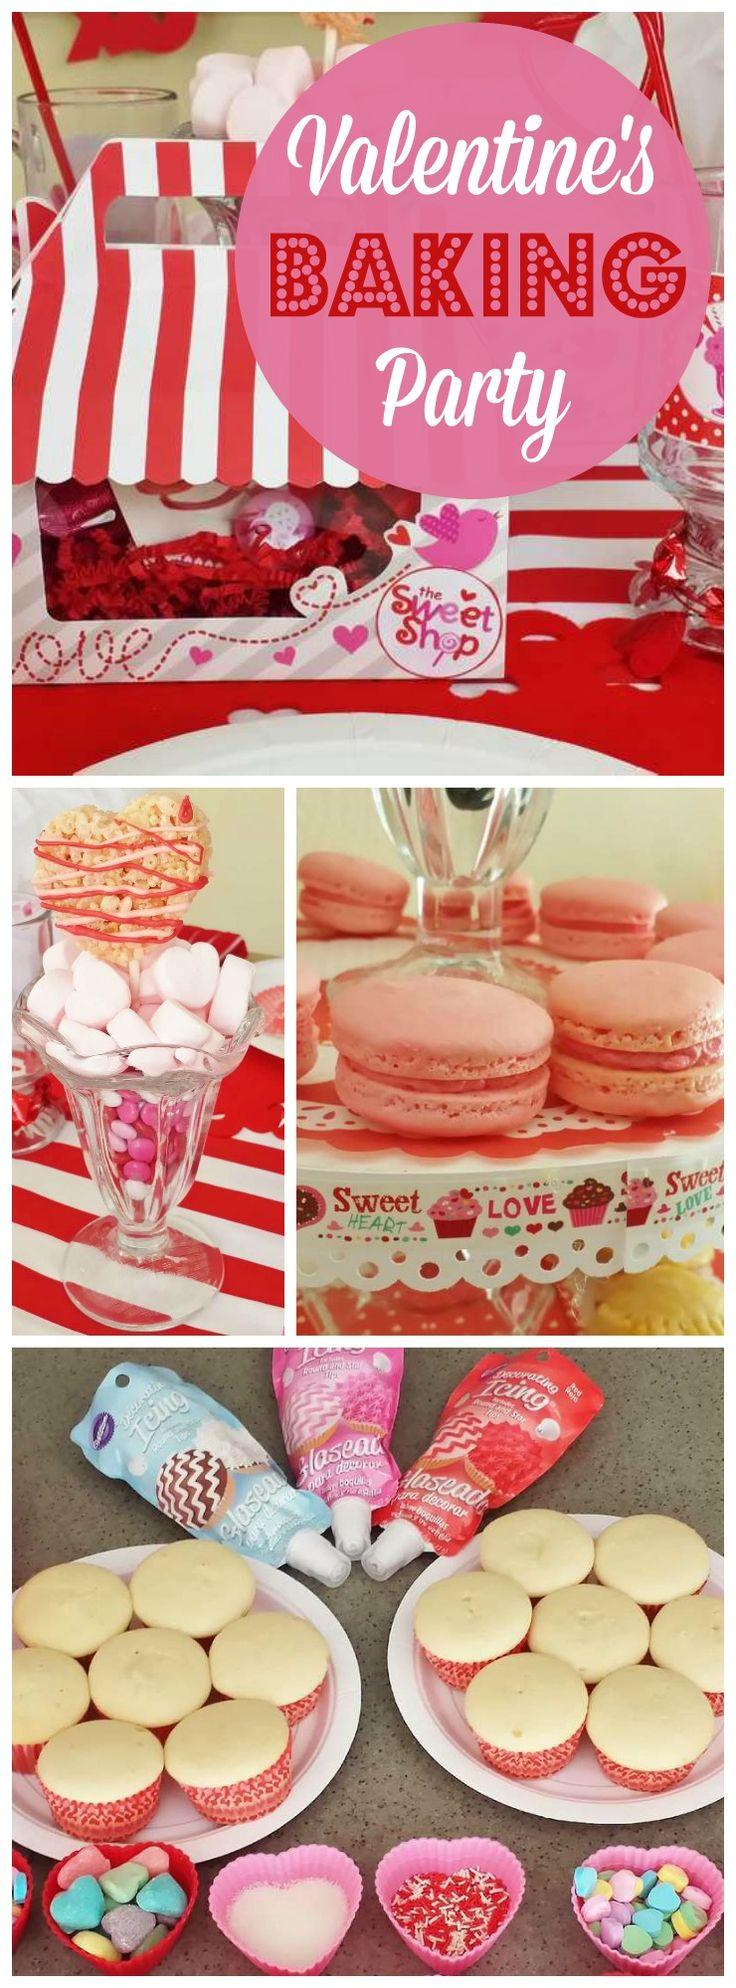 isabella valentine free jackpot 2